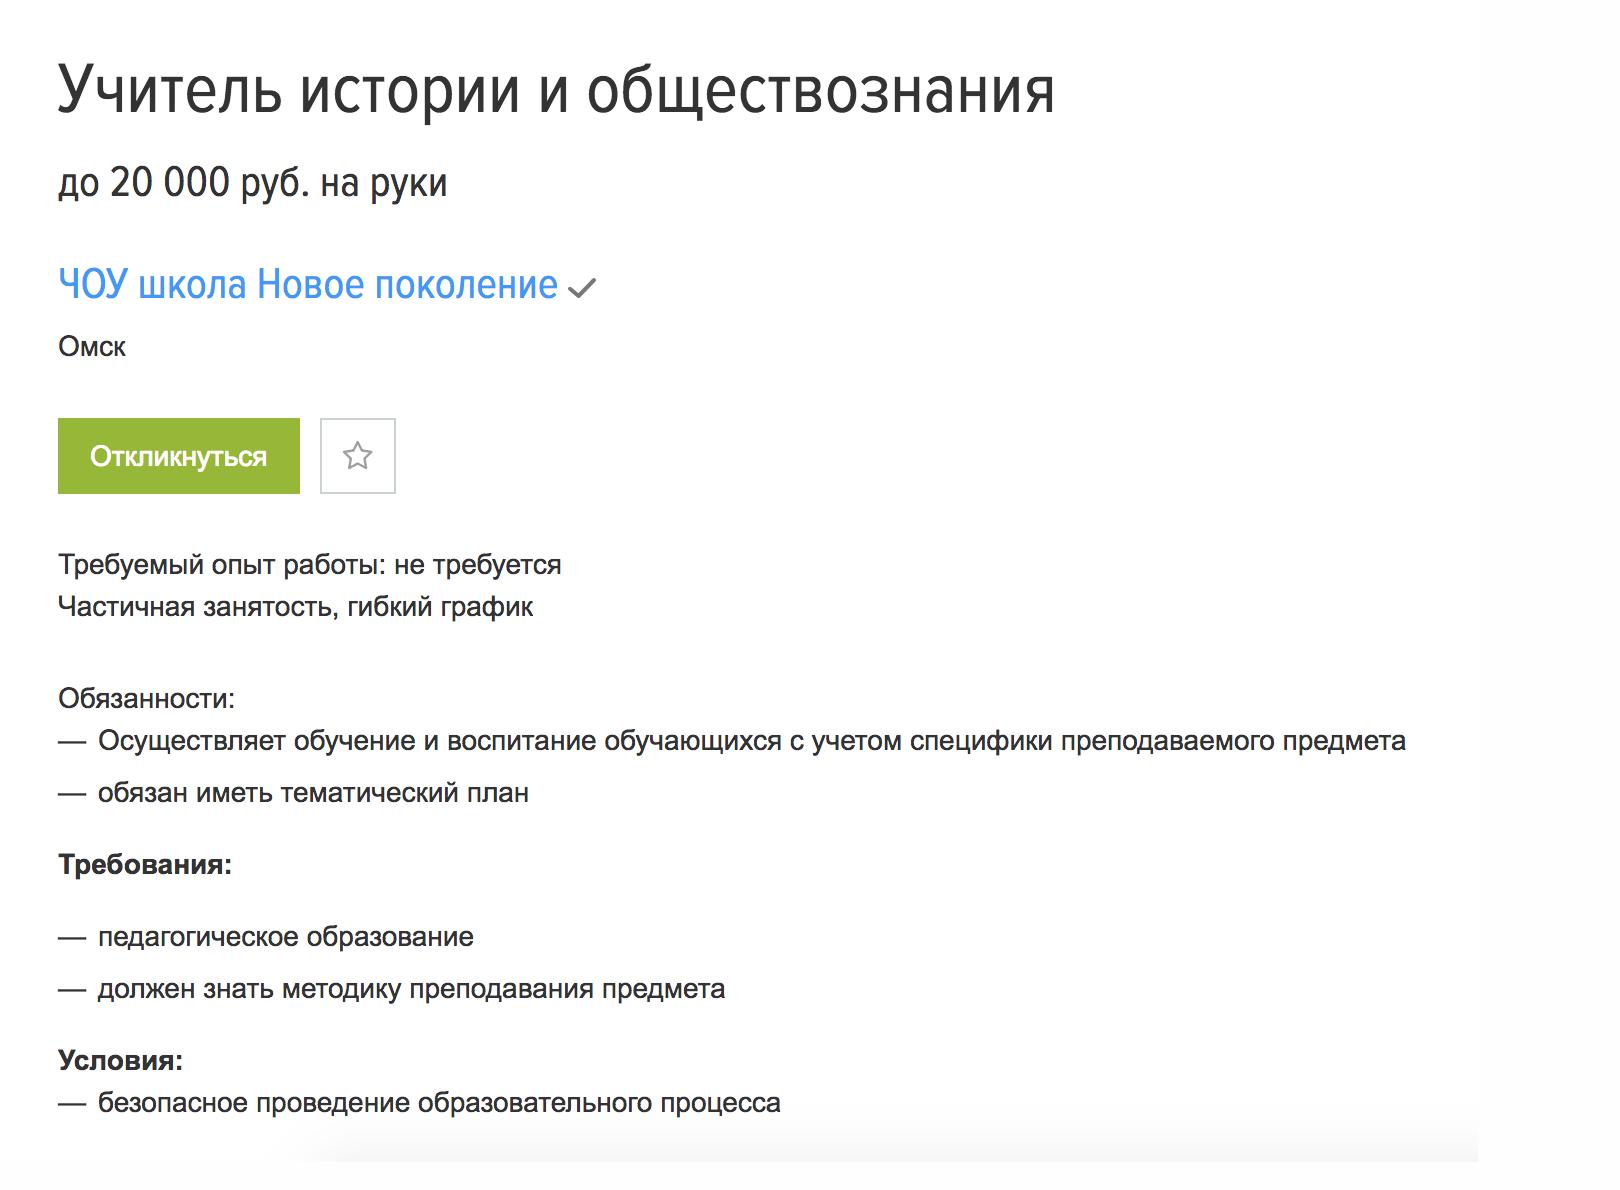 Хорошее предложение для молодого учителя в Омске